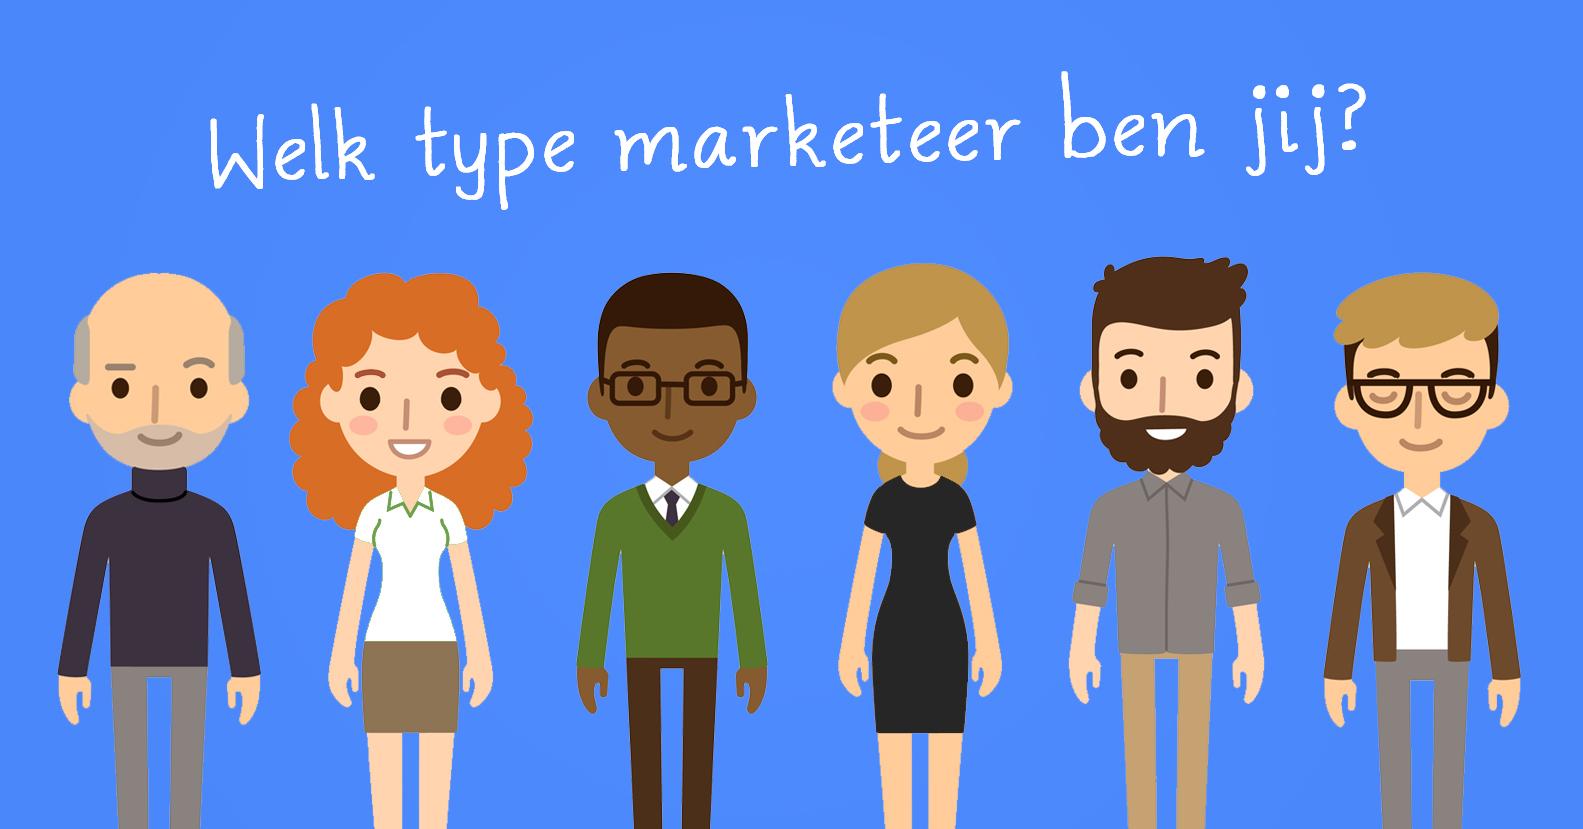 Welk type marketeer ben jij